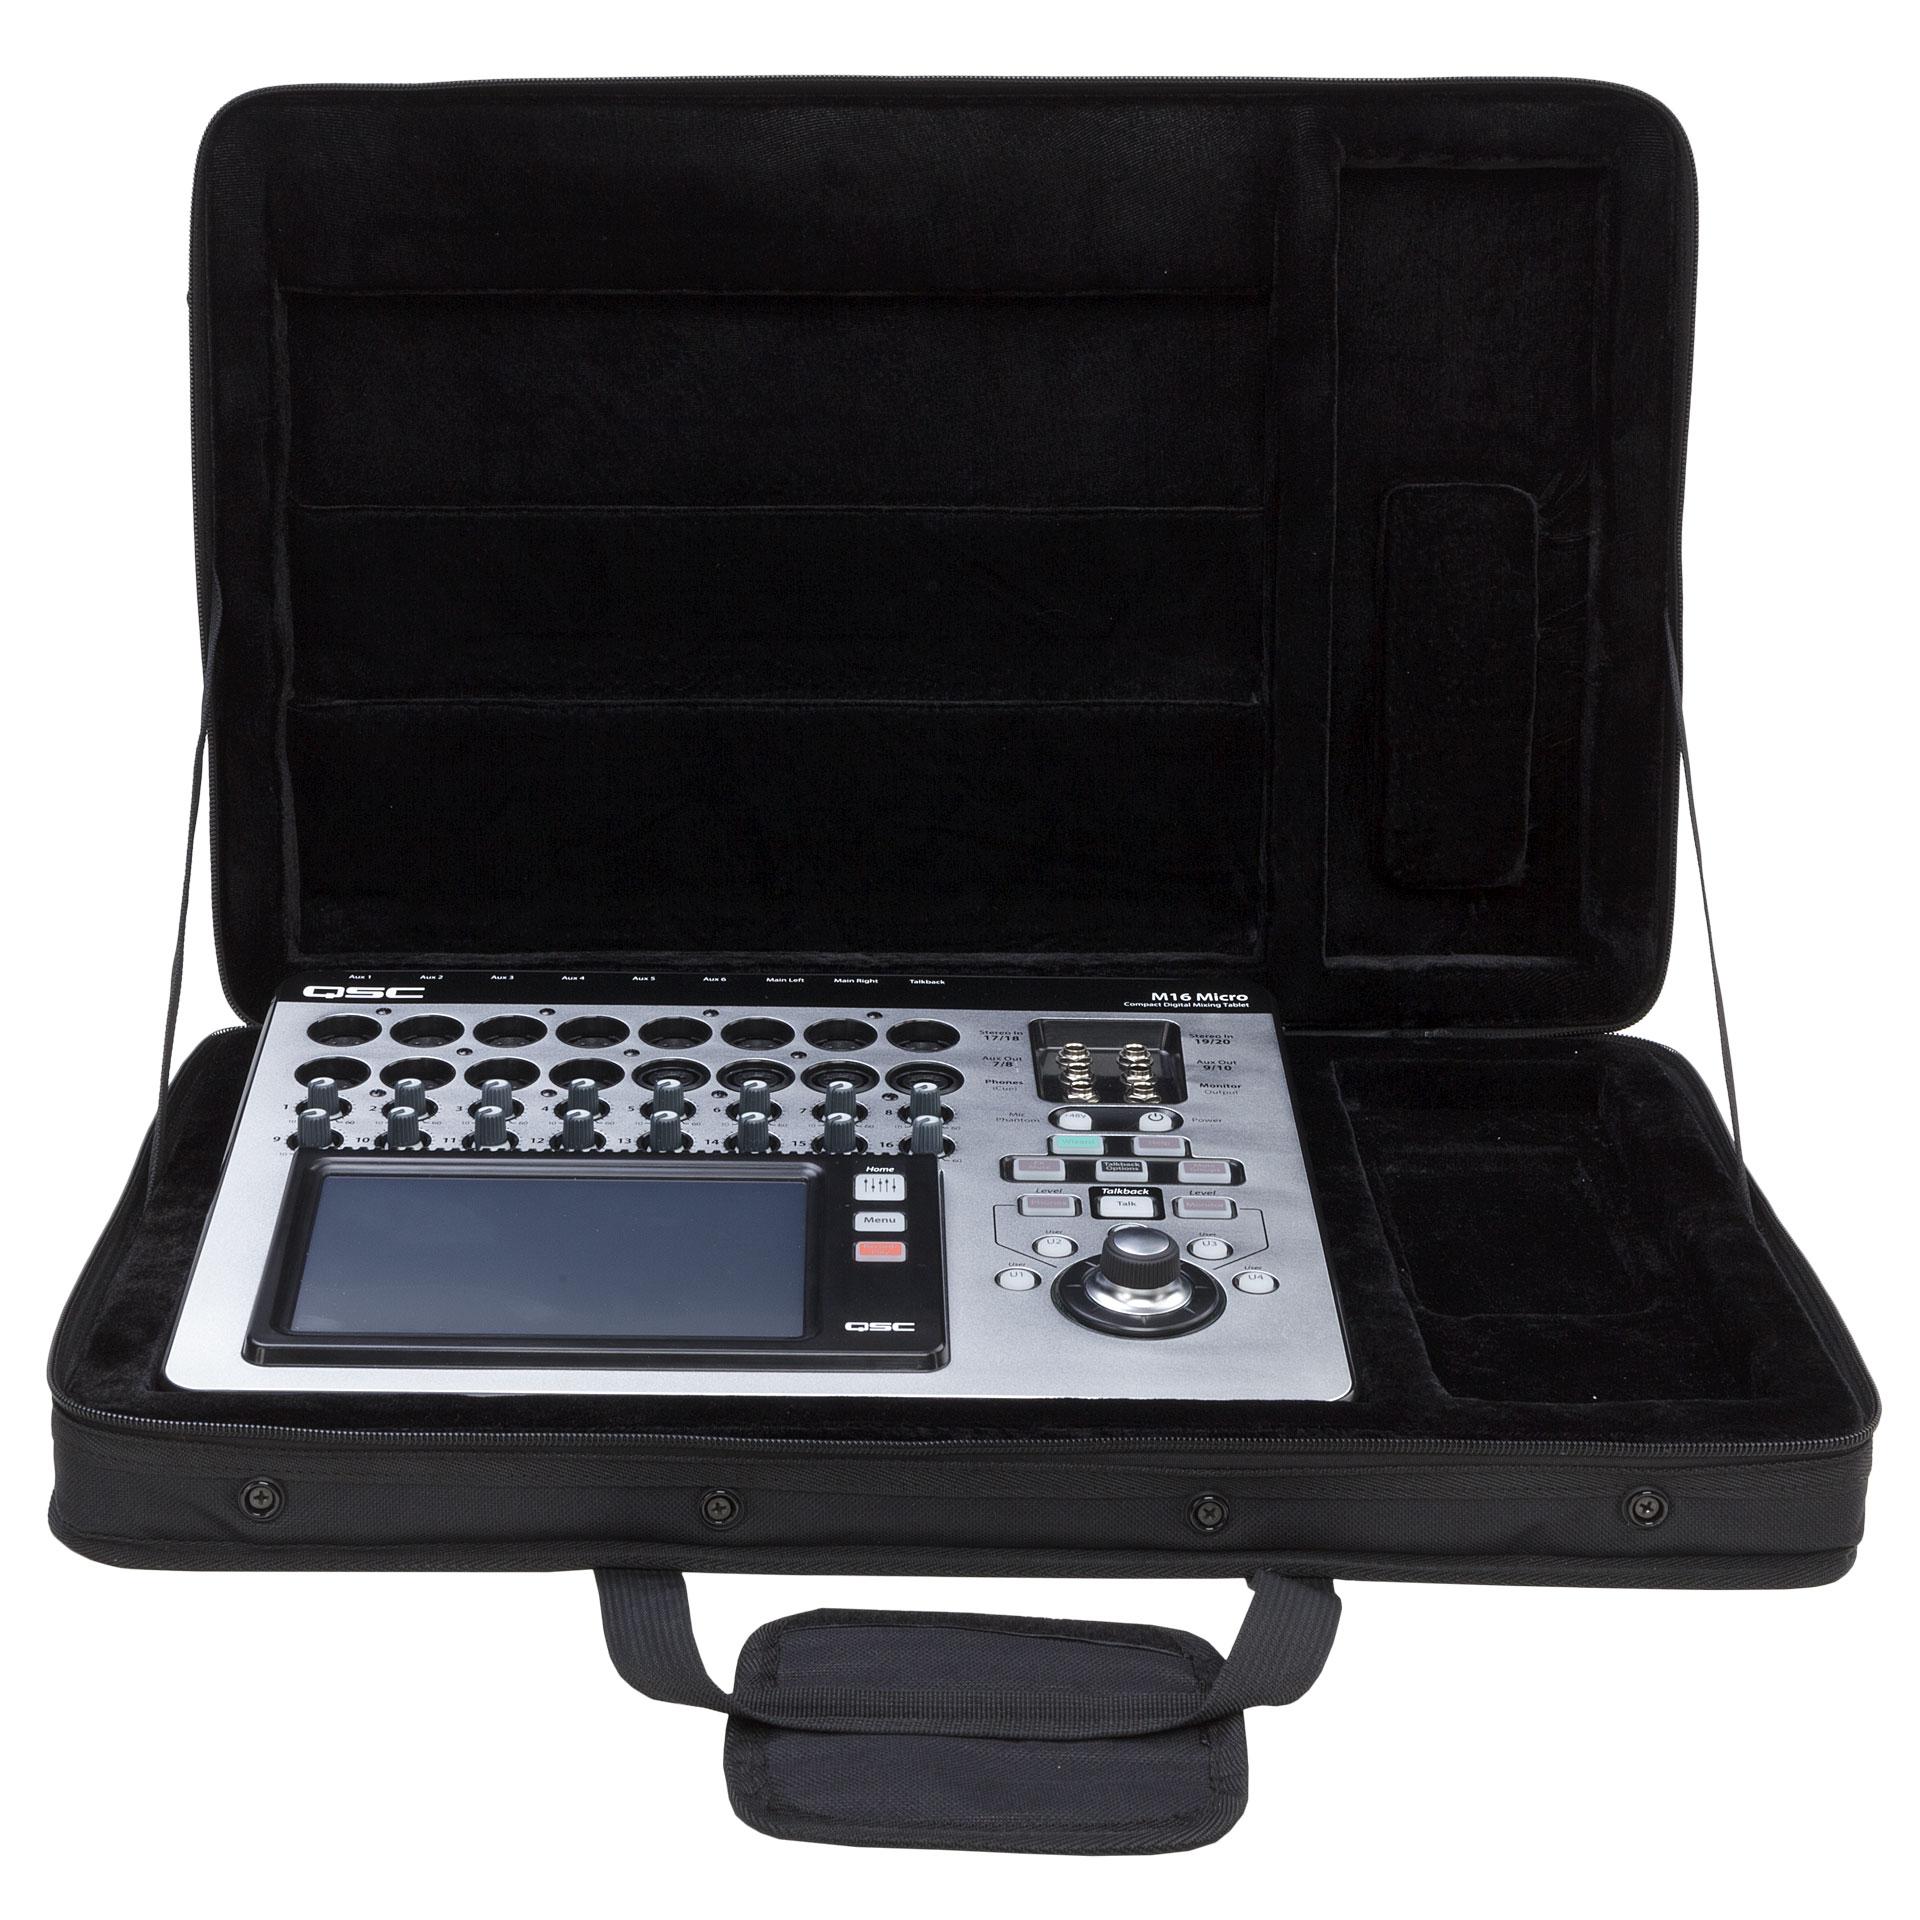 Qsc touchmix 8 console de mixage num rique - Console de mixage numerique ...